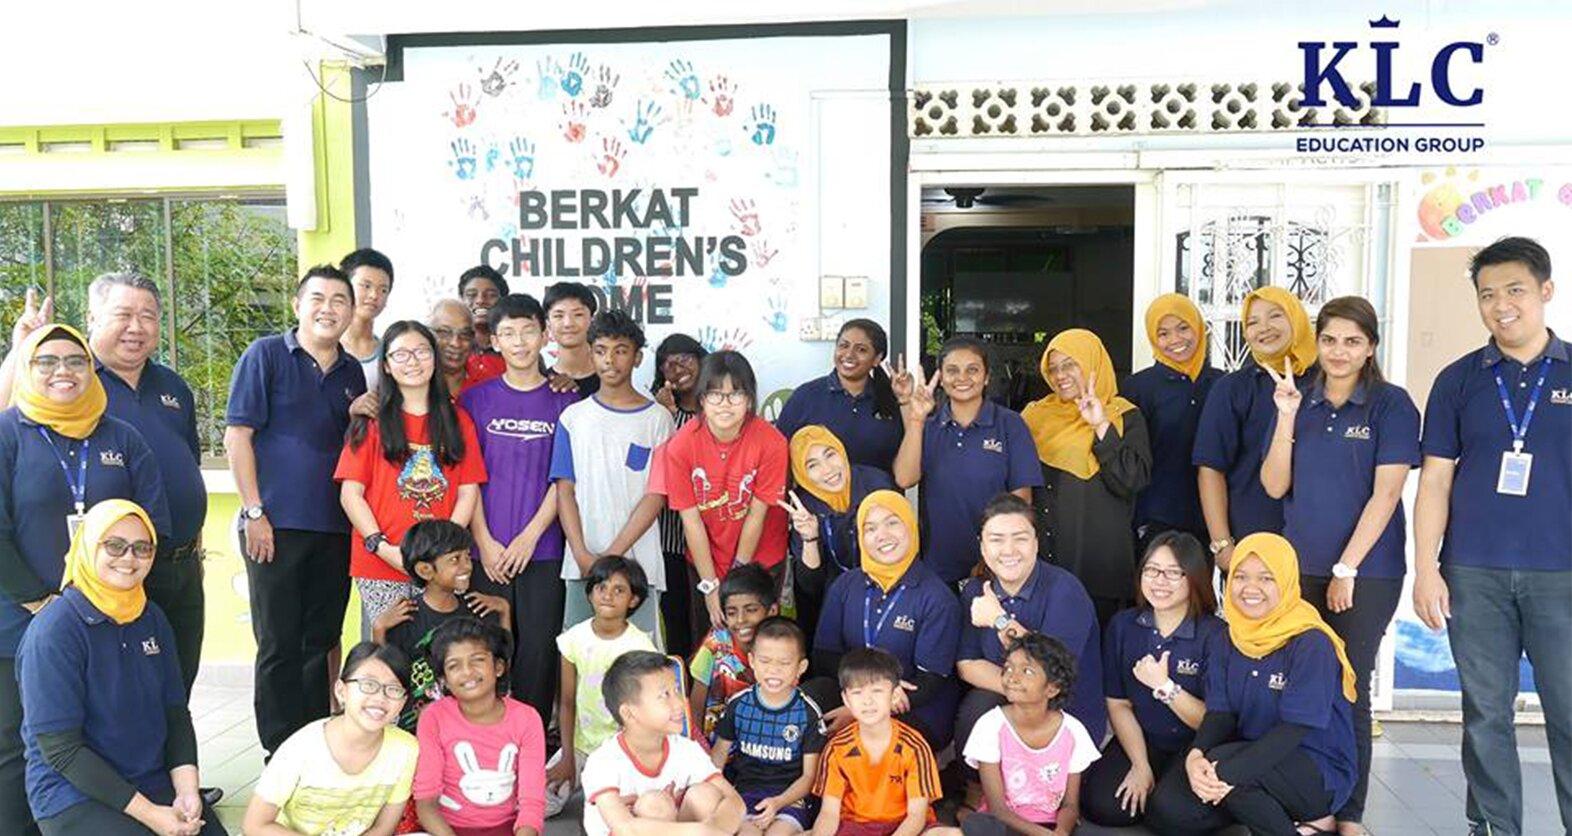 Projek CSR KLC di Rumah Kanak-Kanak Berkat pada 28 November 2018 yang lalu telah berjalan dengan jayanya!